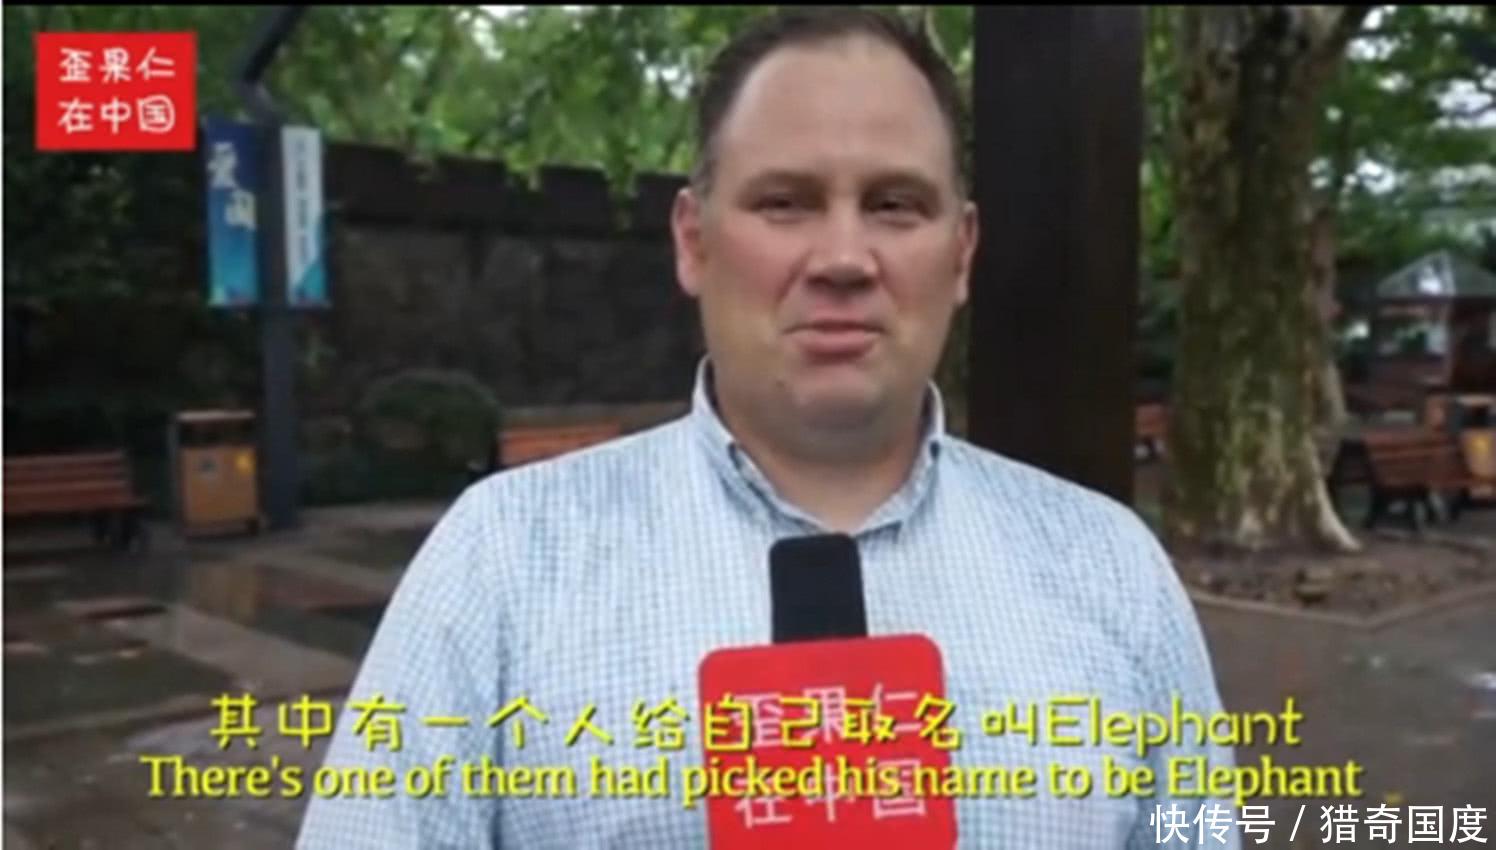 老外嫌弃中国人的英文名奇葩,你的名字是老外